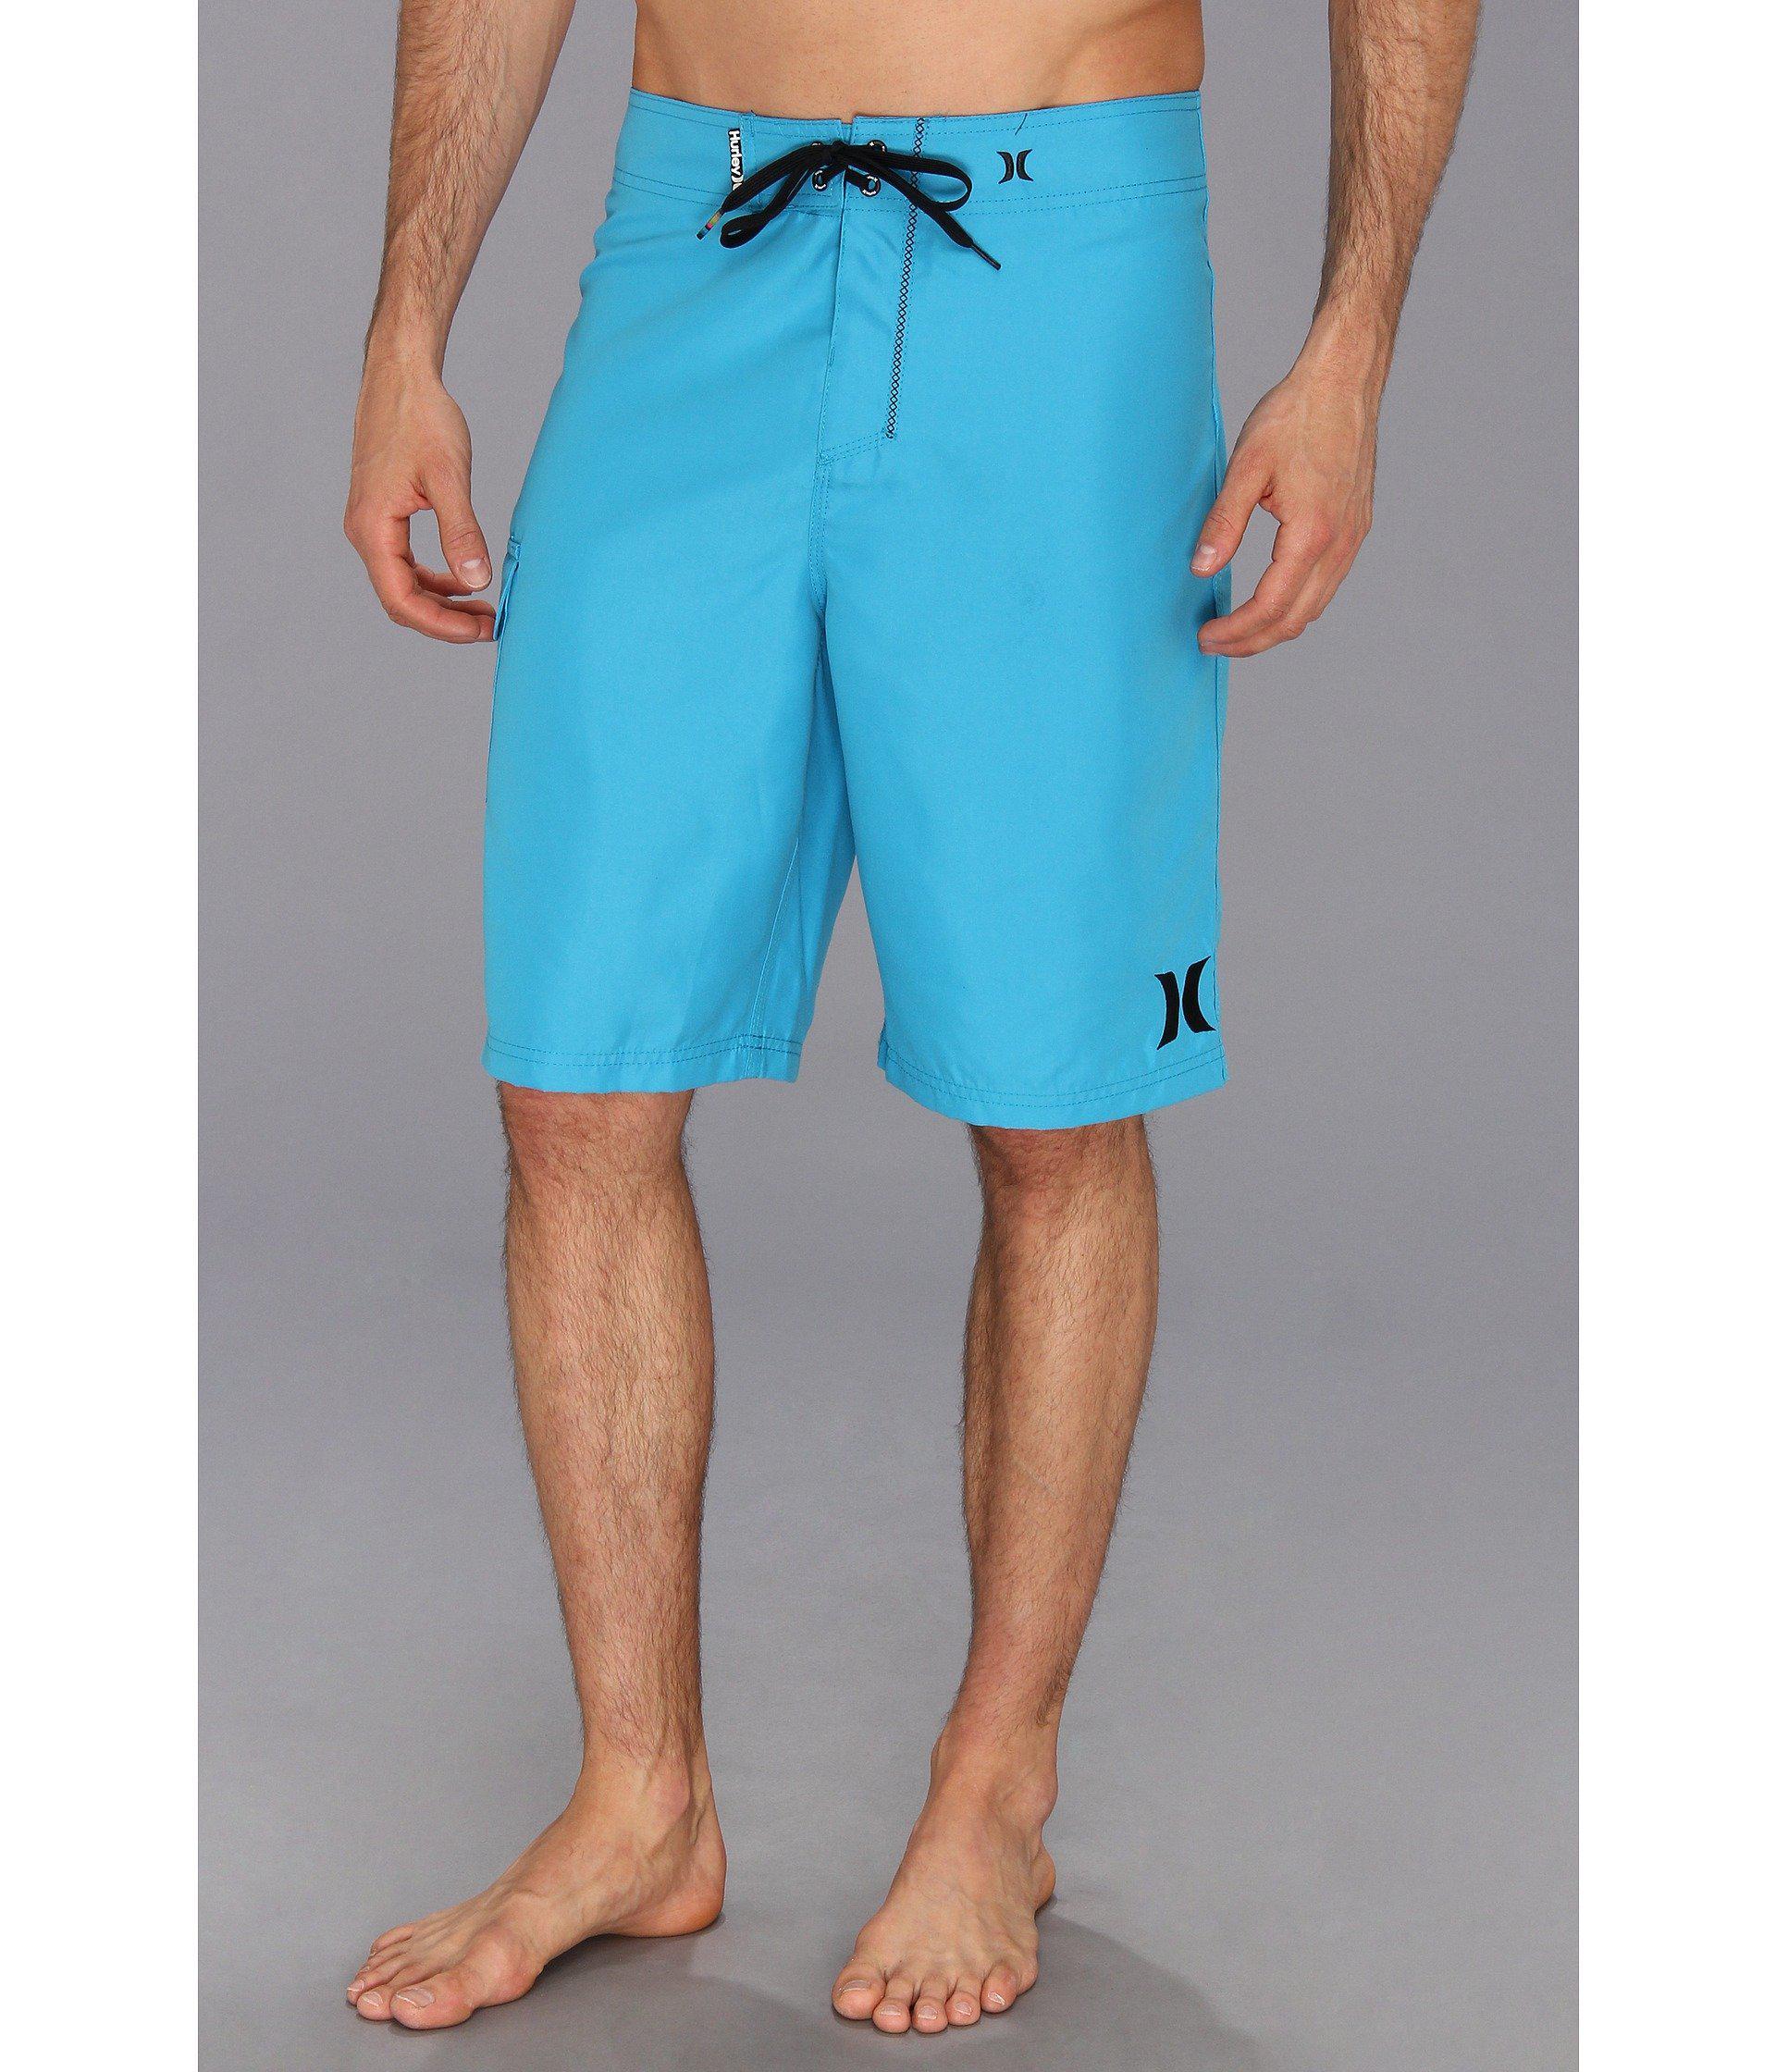 991c178710 Hurley - Blue One Only Boardshort 22 (anthracite) Men's Swimwear for Men -  Lyst. View fullscreen